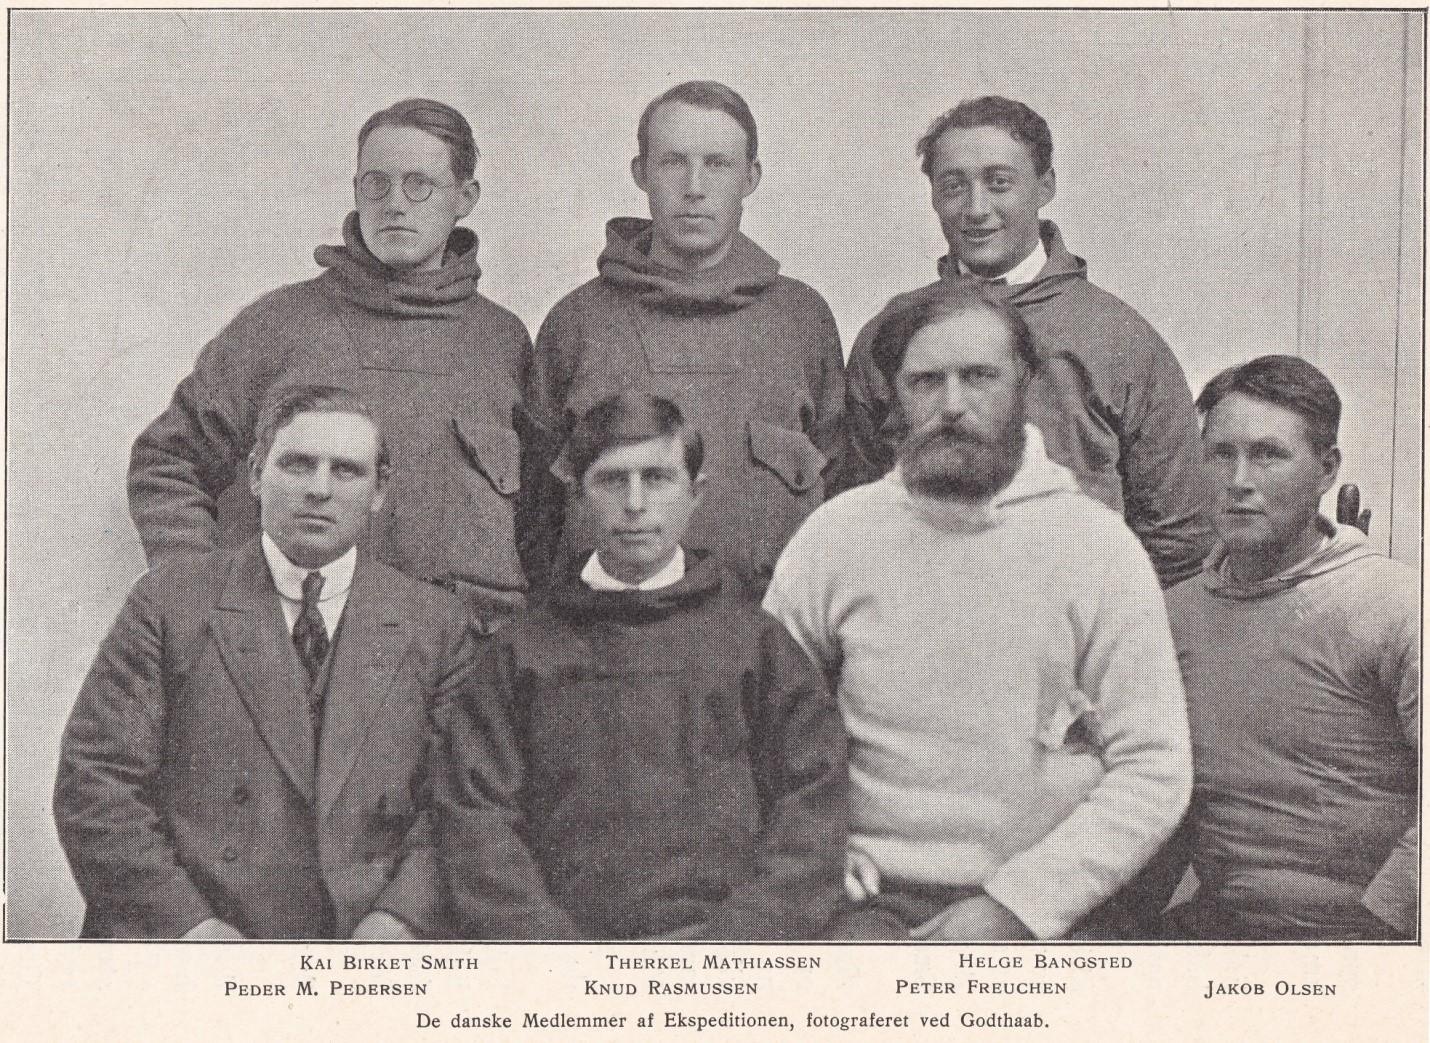 חברי המשלחת לפני צאתם מקופנהגן. פתר מ. פידרסן (שמאלי בשורה התחתונה) היה קפטן המפרשית, האחרים חוקרים ועוזרי מחקר. ביניהם קנוד ראסמוסן (שני משמאל בשורה התחתונה), ראש המשלחת.